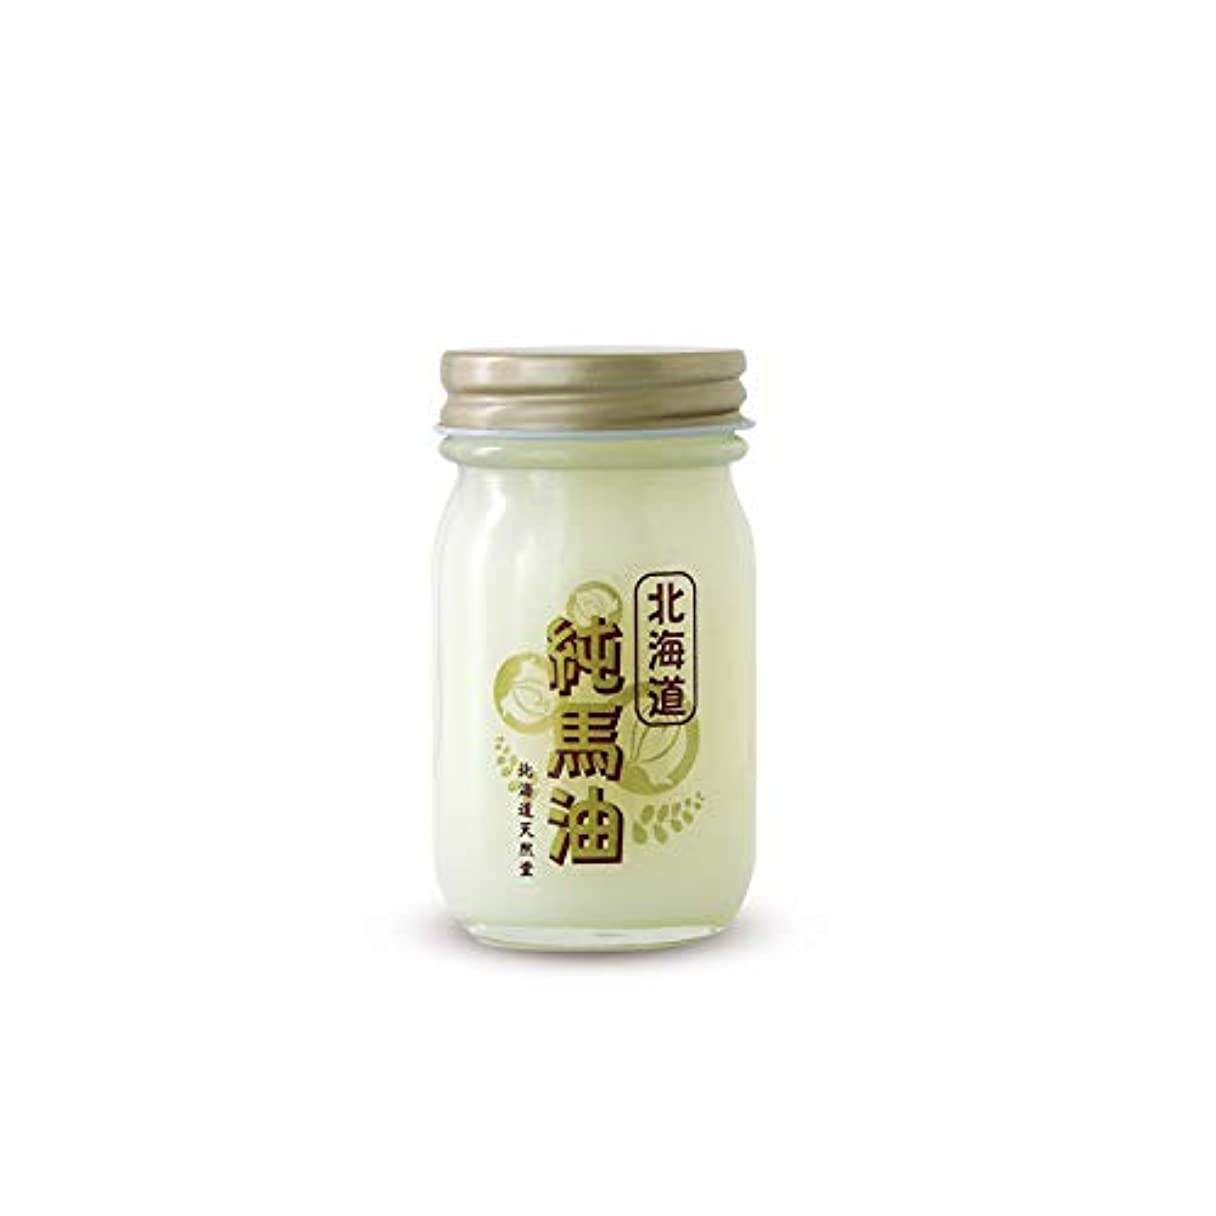 変装した歯科医技術純馬油 70ml 【国内限定】/ 北海道天然堂